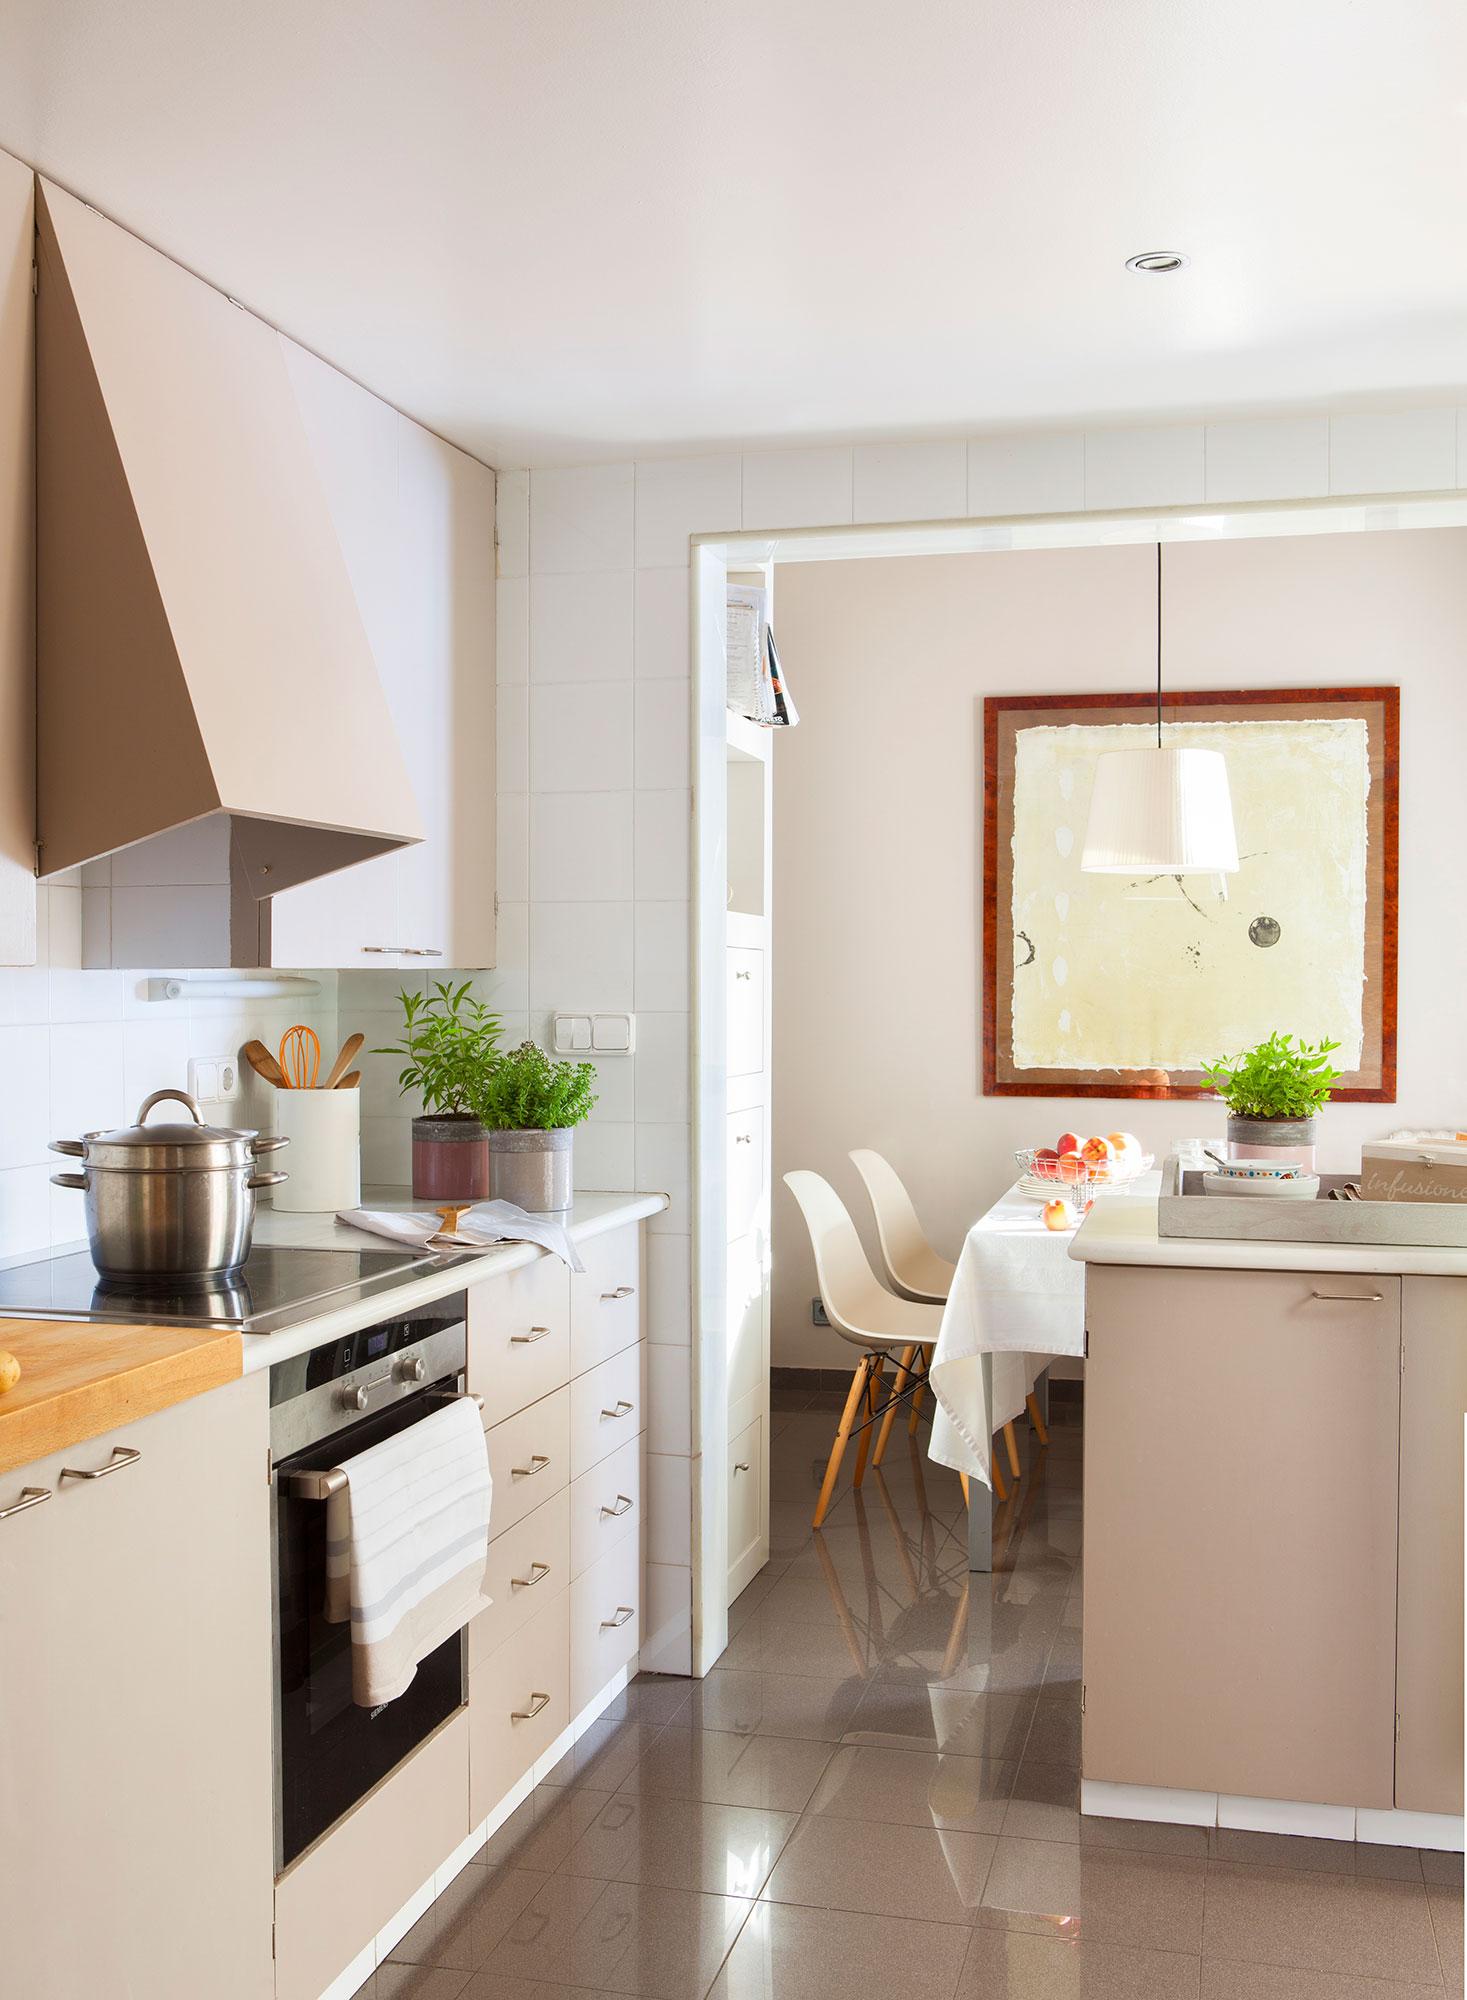 Renovar la cocina sin obras 10 reformas low cost - Paredes de cocina sin azulejos ...